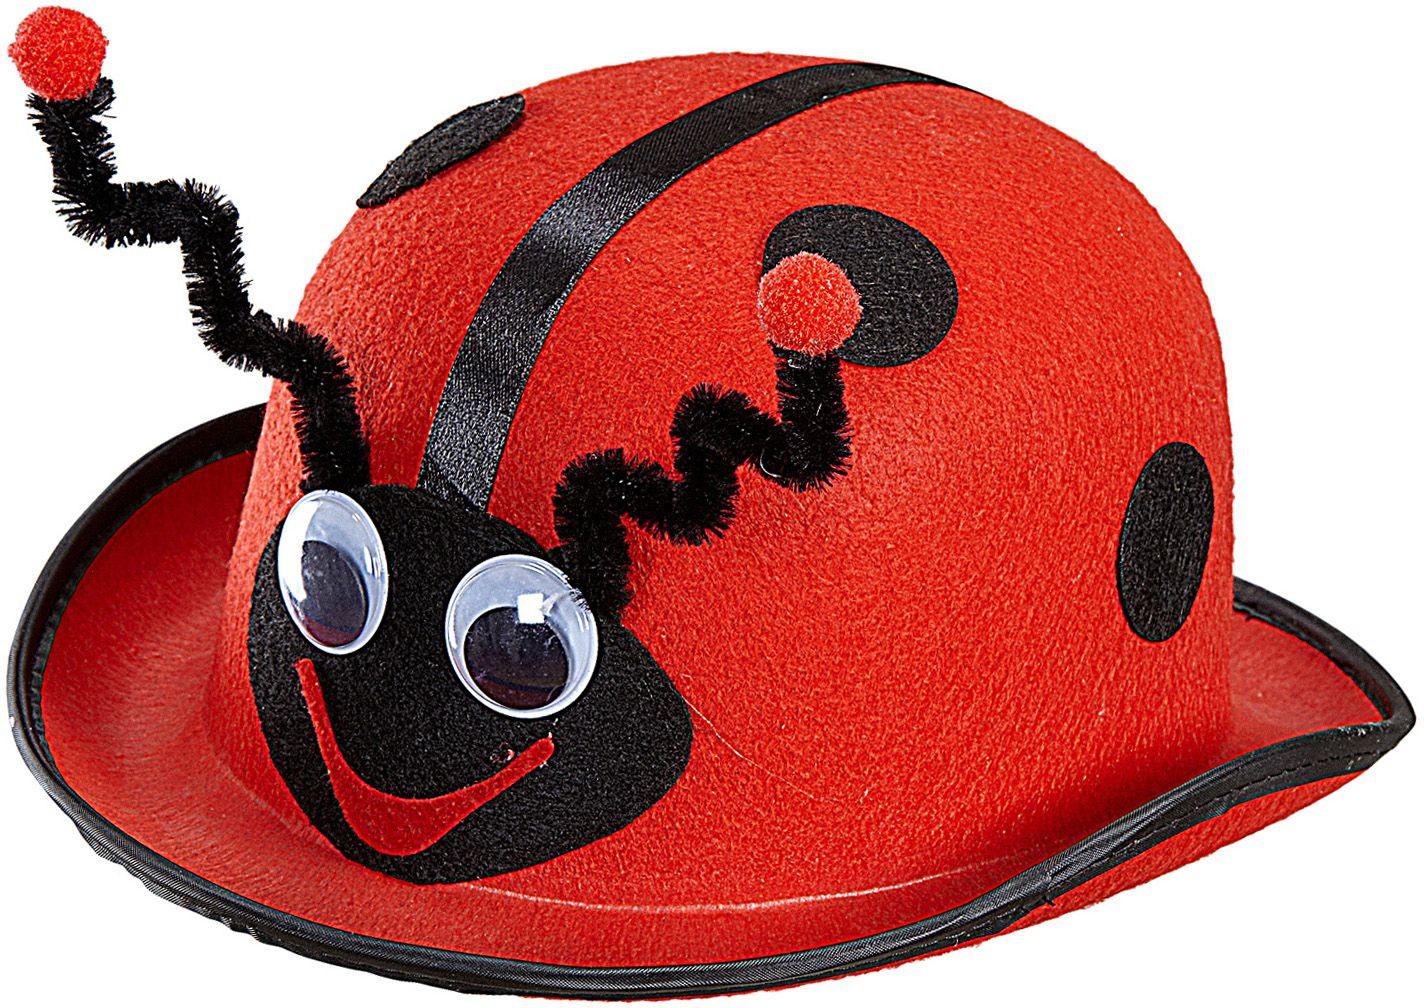 Rode lieveheersbeestje hoed